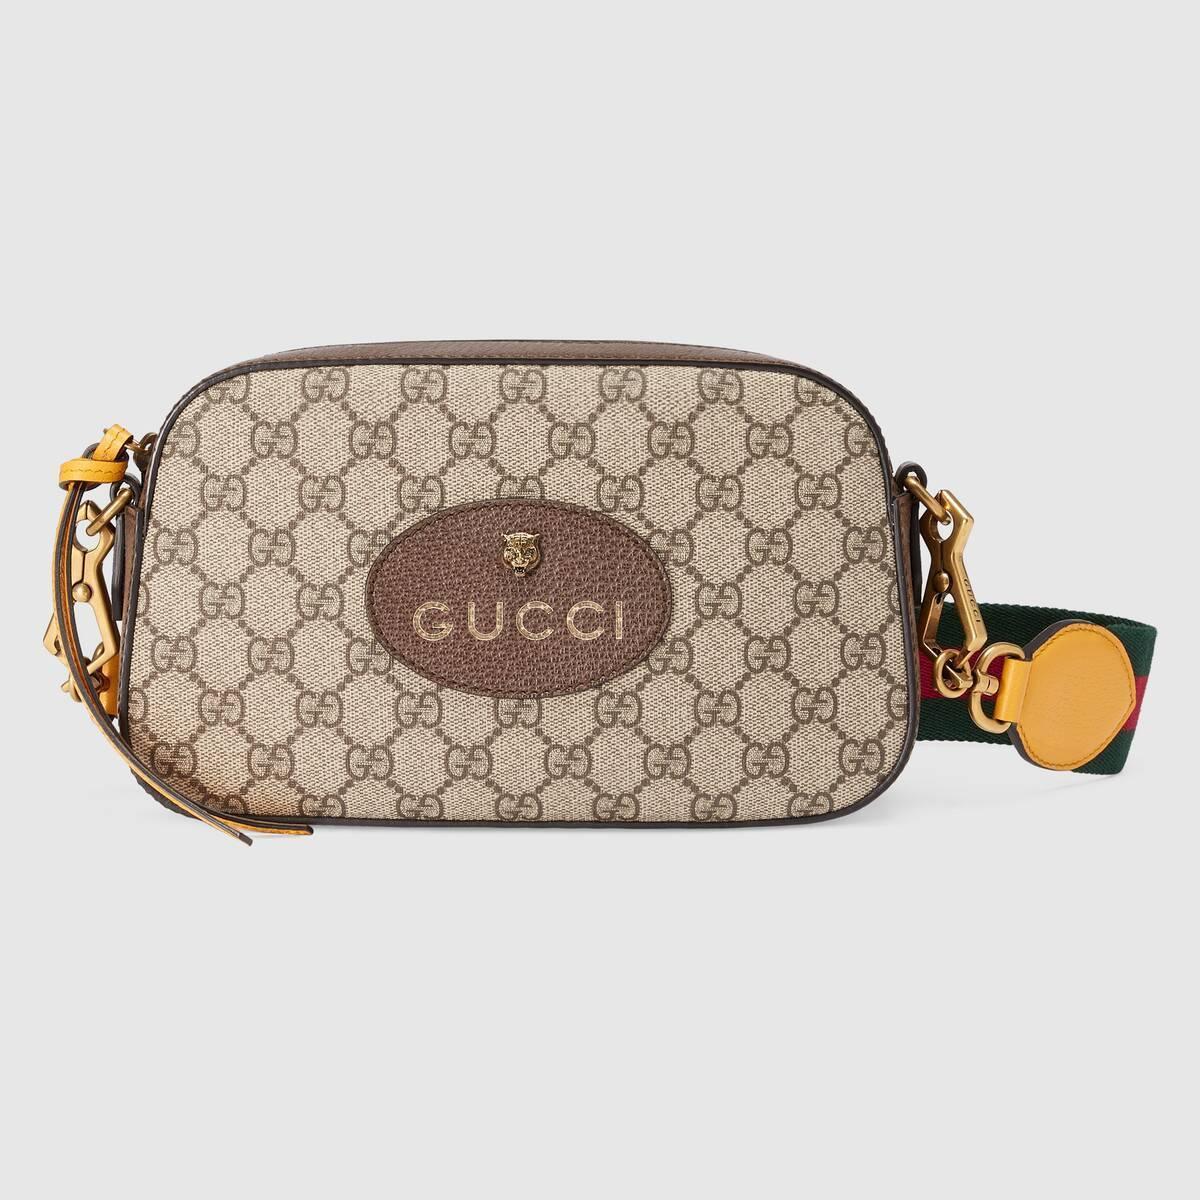 GUCCI Satchels Neo Vintage GG Supreme messenger bag 2